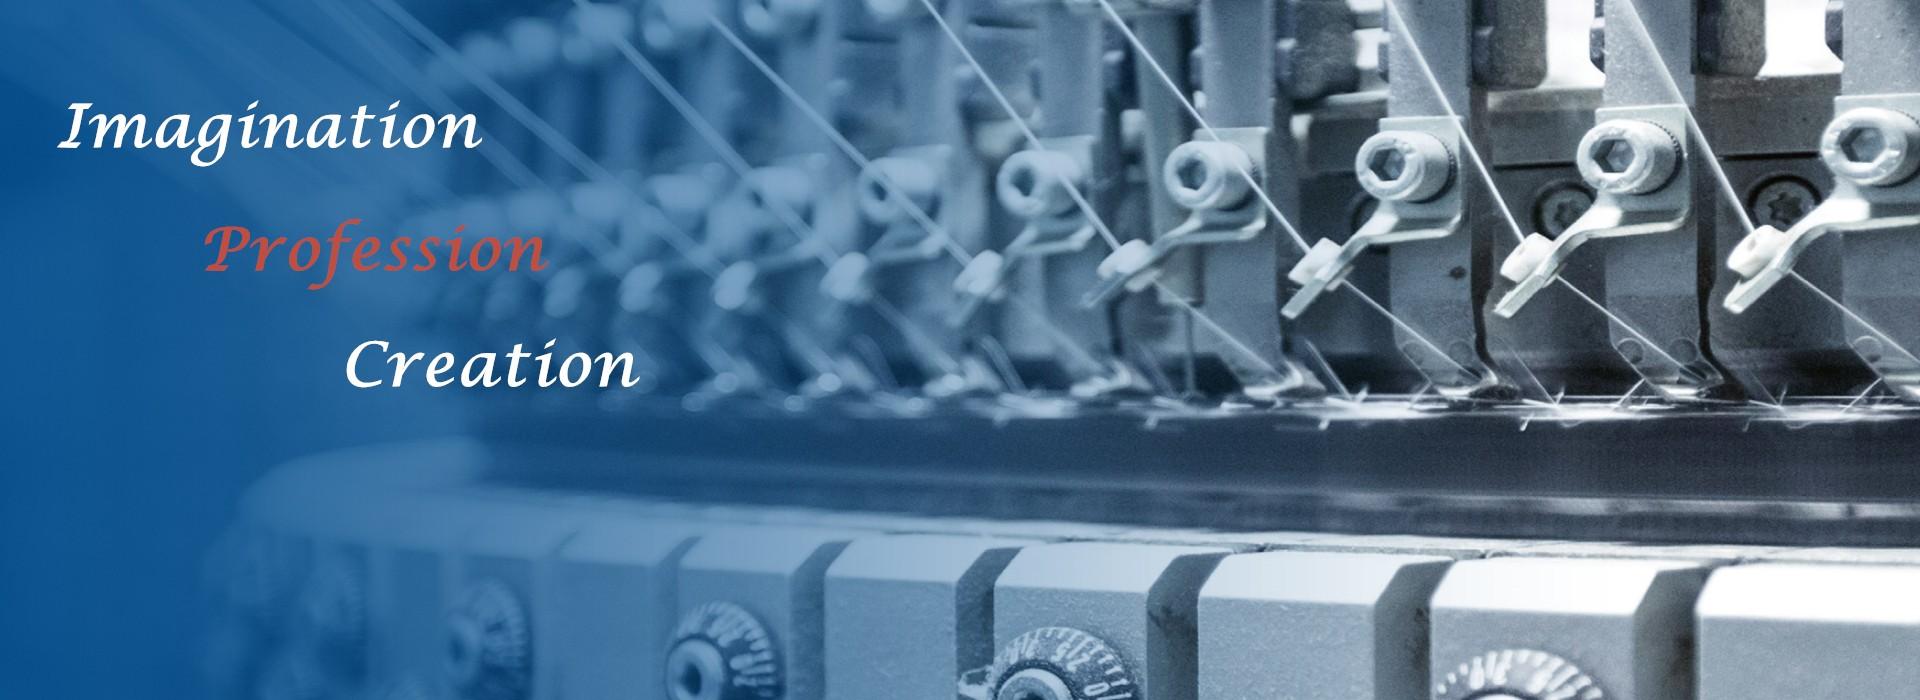 Peças circulares da máquina de confecção de malhas